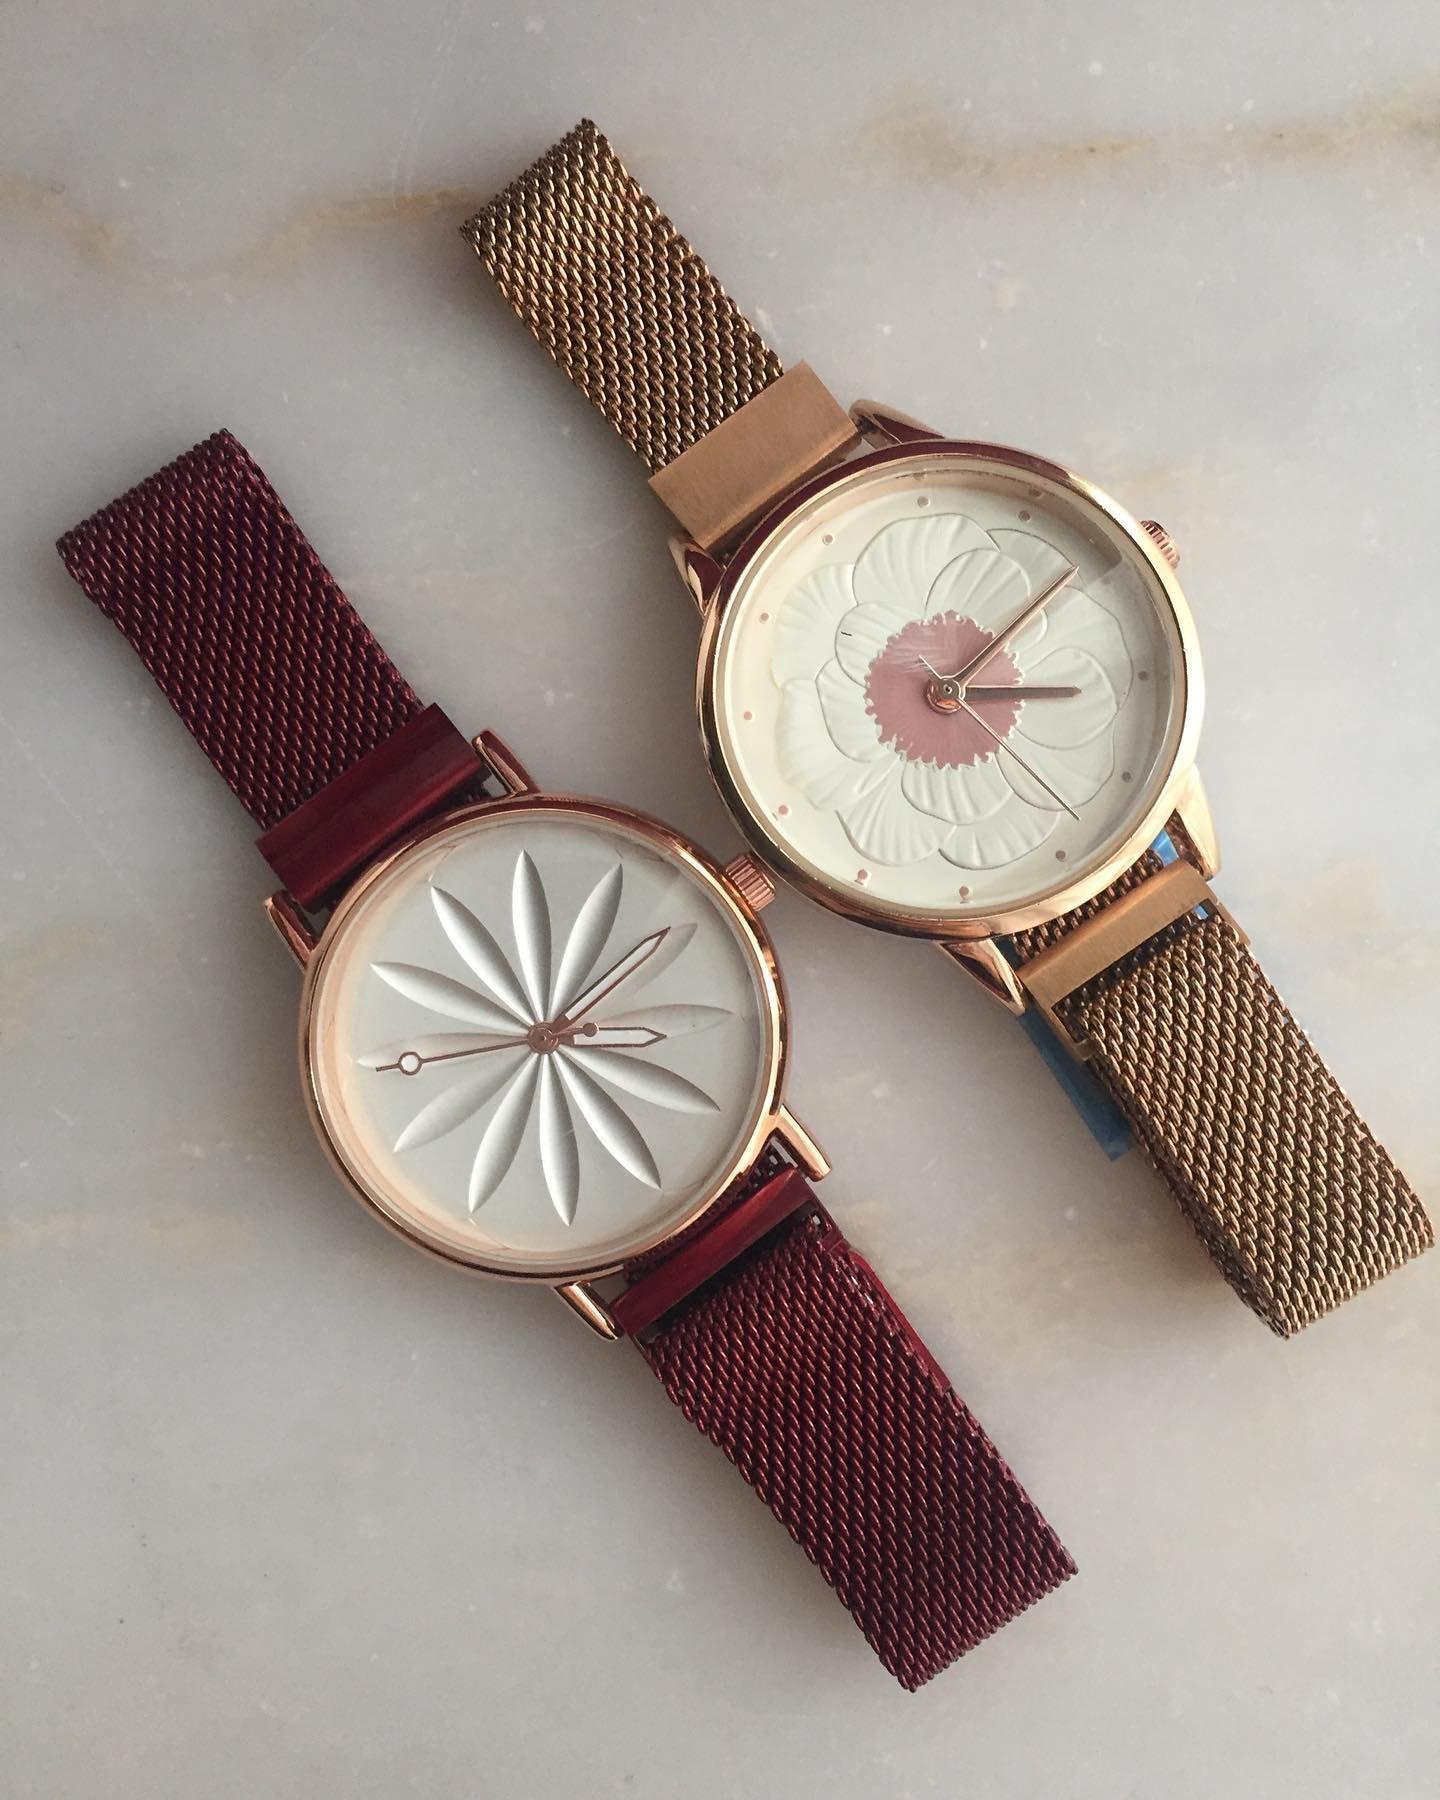 Tukendi Hasir Kordon Miknatisli Kilit Bayan Kol Saati Vintage Vintagesaat Vintagewatch Saat Saatler Saatmodeller In 2020 Bracelet Watch Accessories Watches